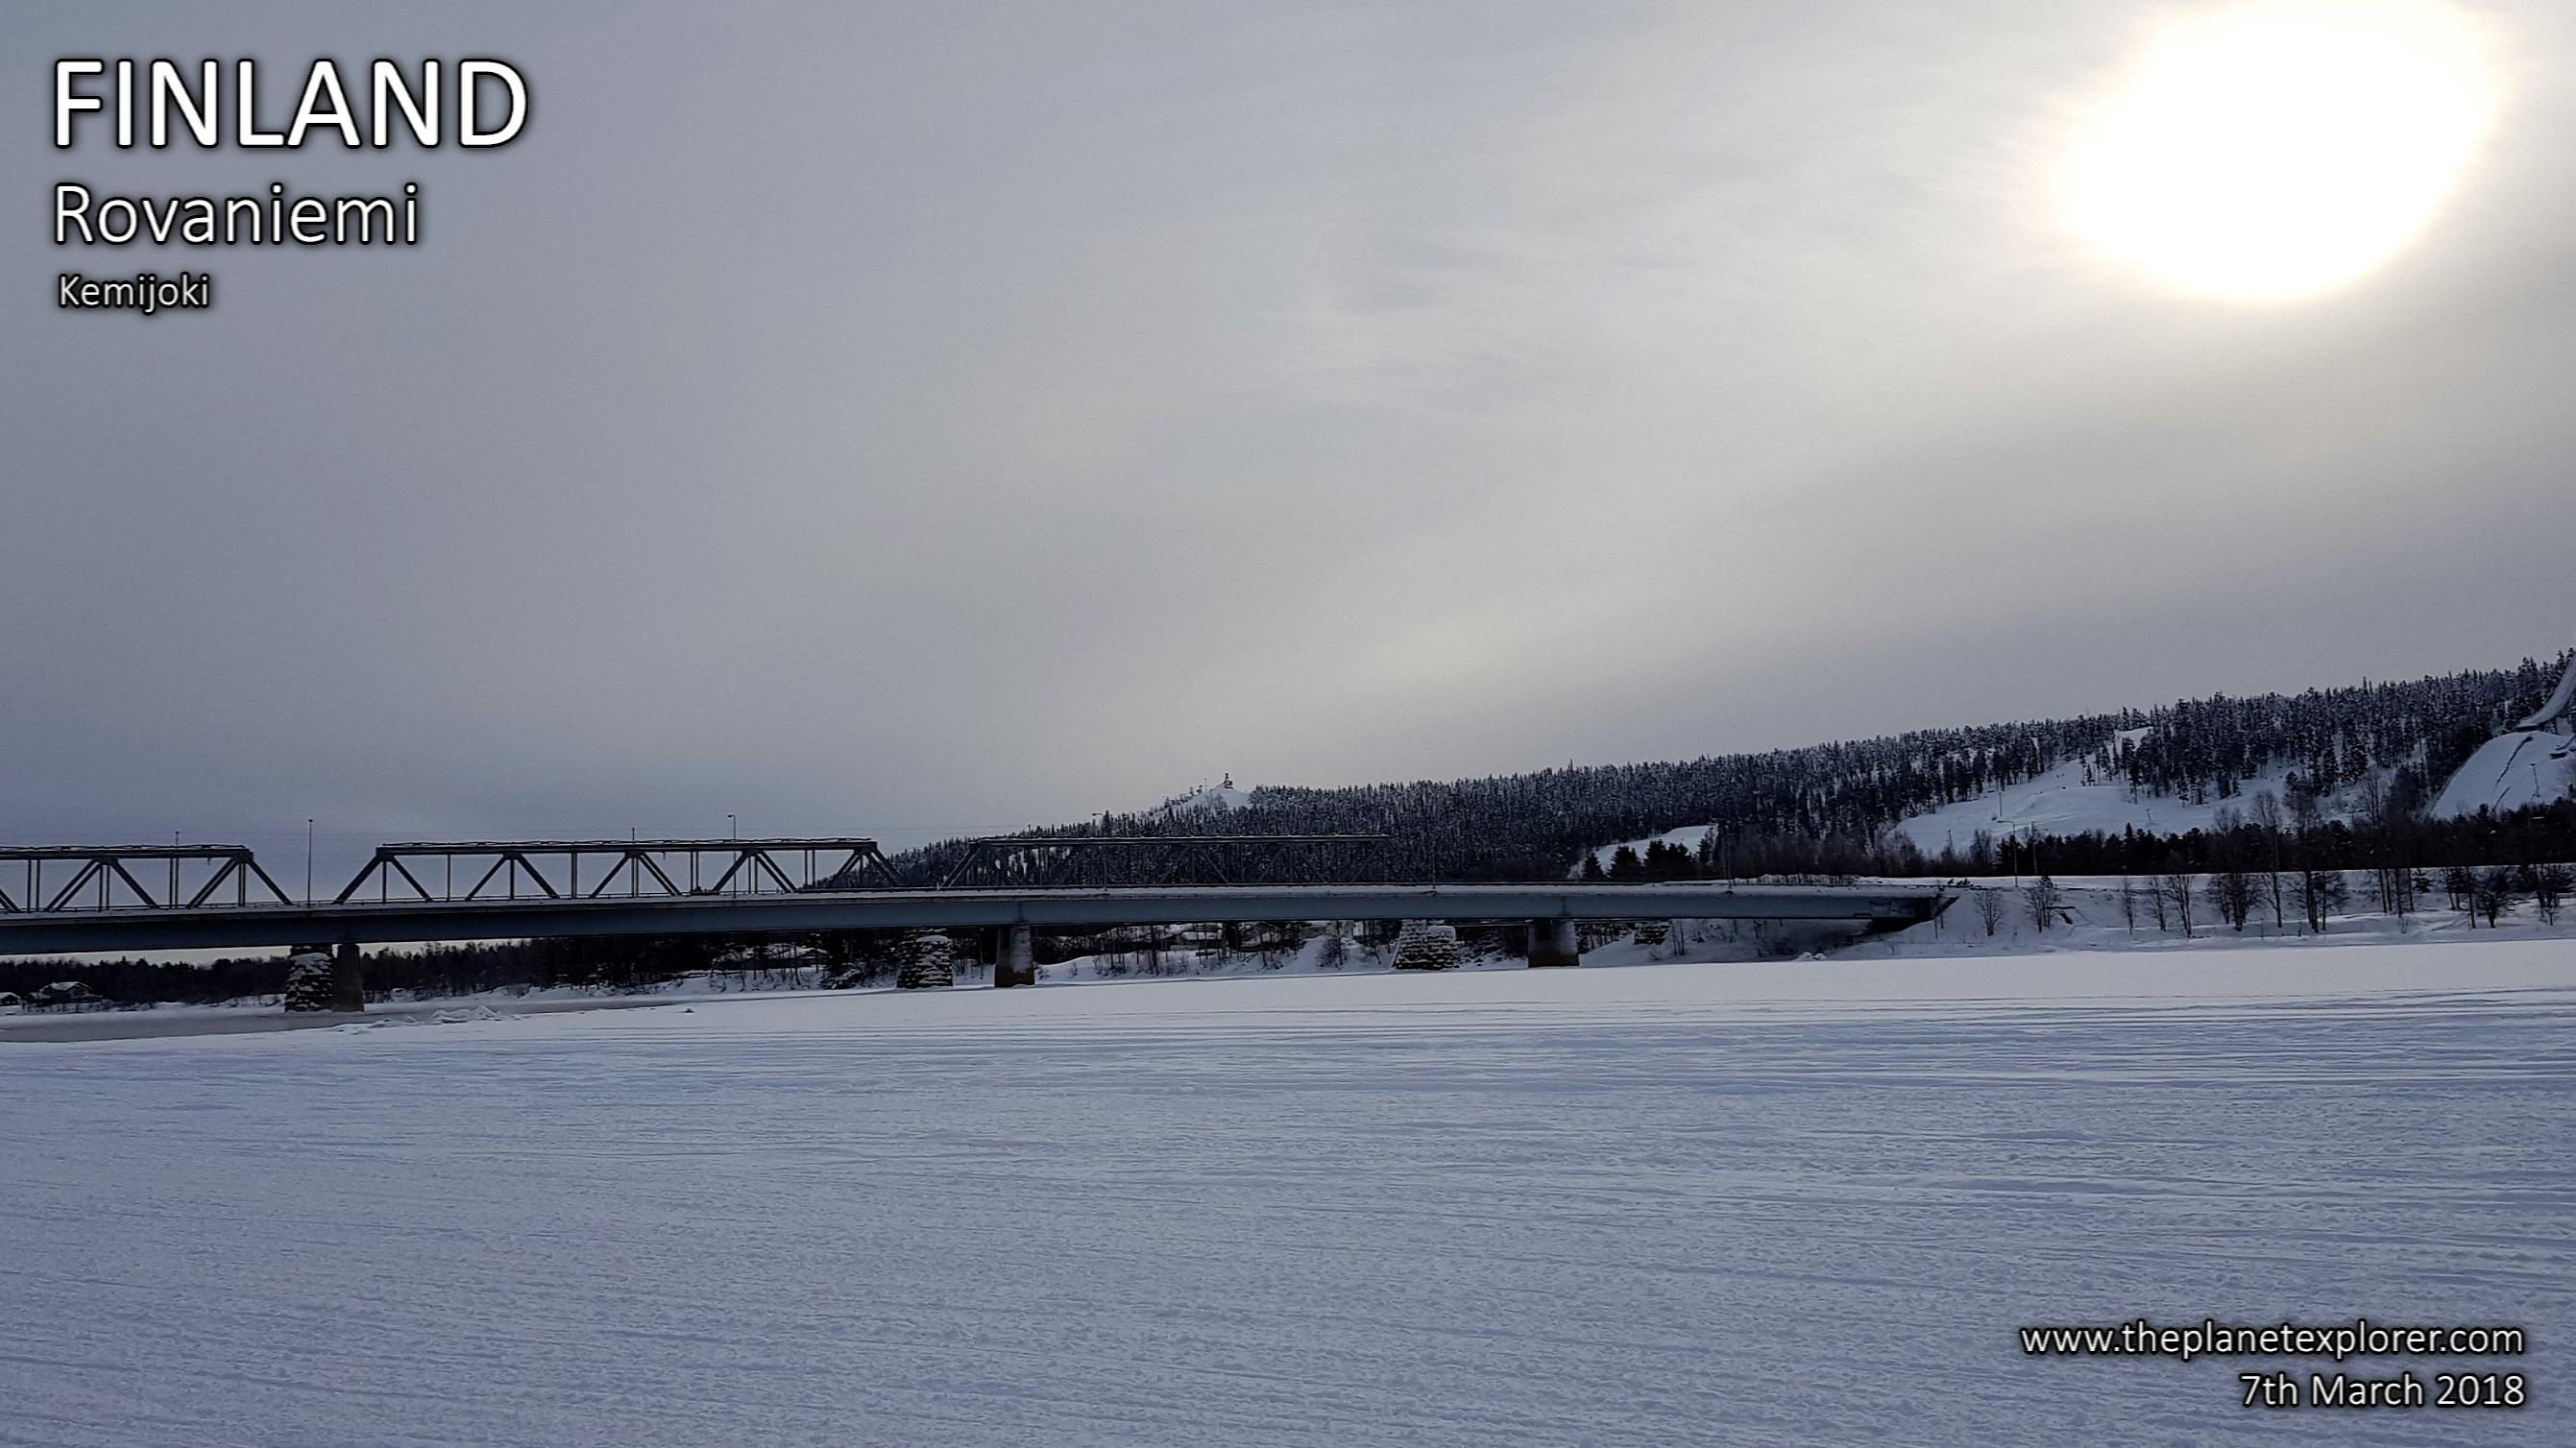 20180307_1143_Finland_Rovaniemi_Kemijoki_Samsung Note 8_LR_@www